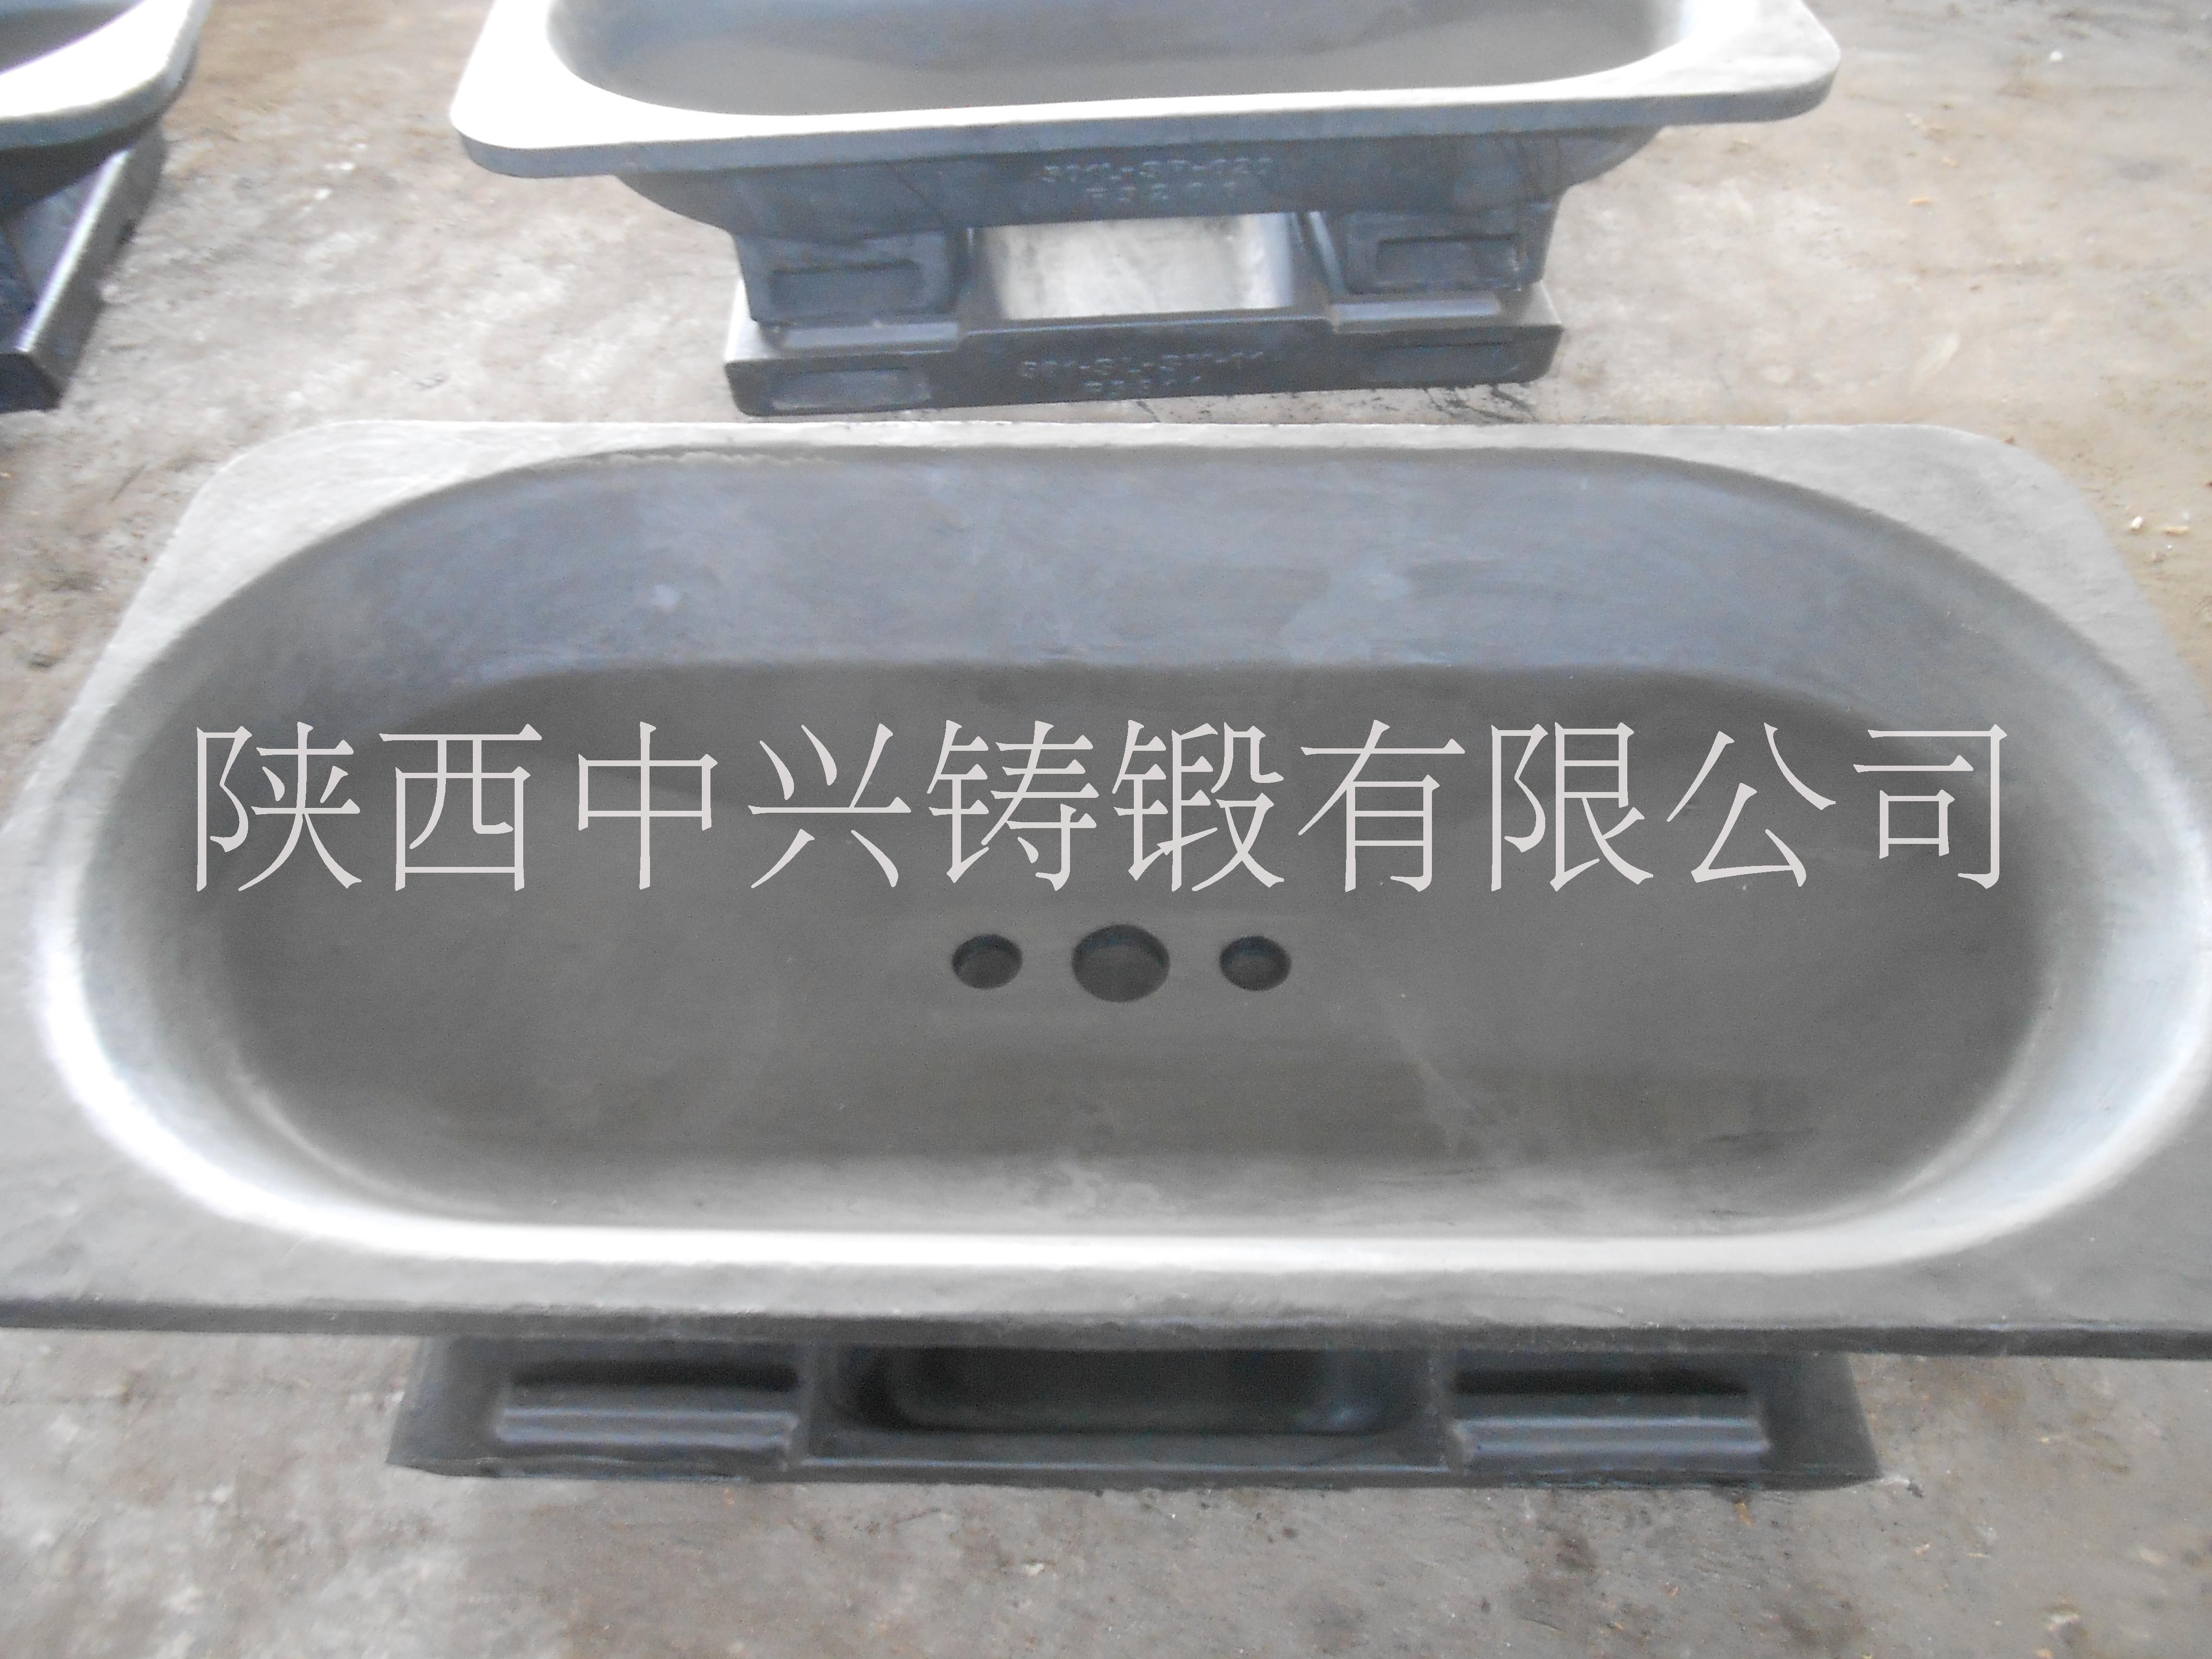 供应渣罐模具 渣盘  优质渣盘 负压铸造渣罐  高质量渣罐 合金钢渣盘 出口渣罐 大渣罐